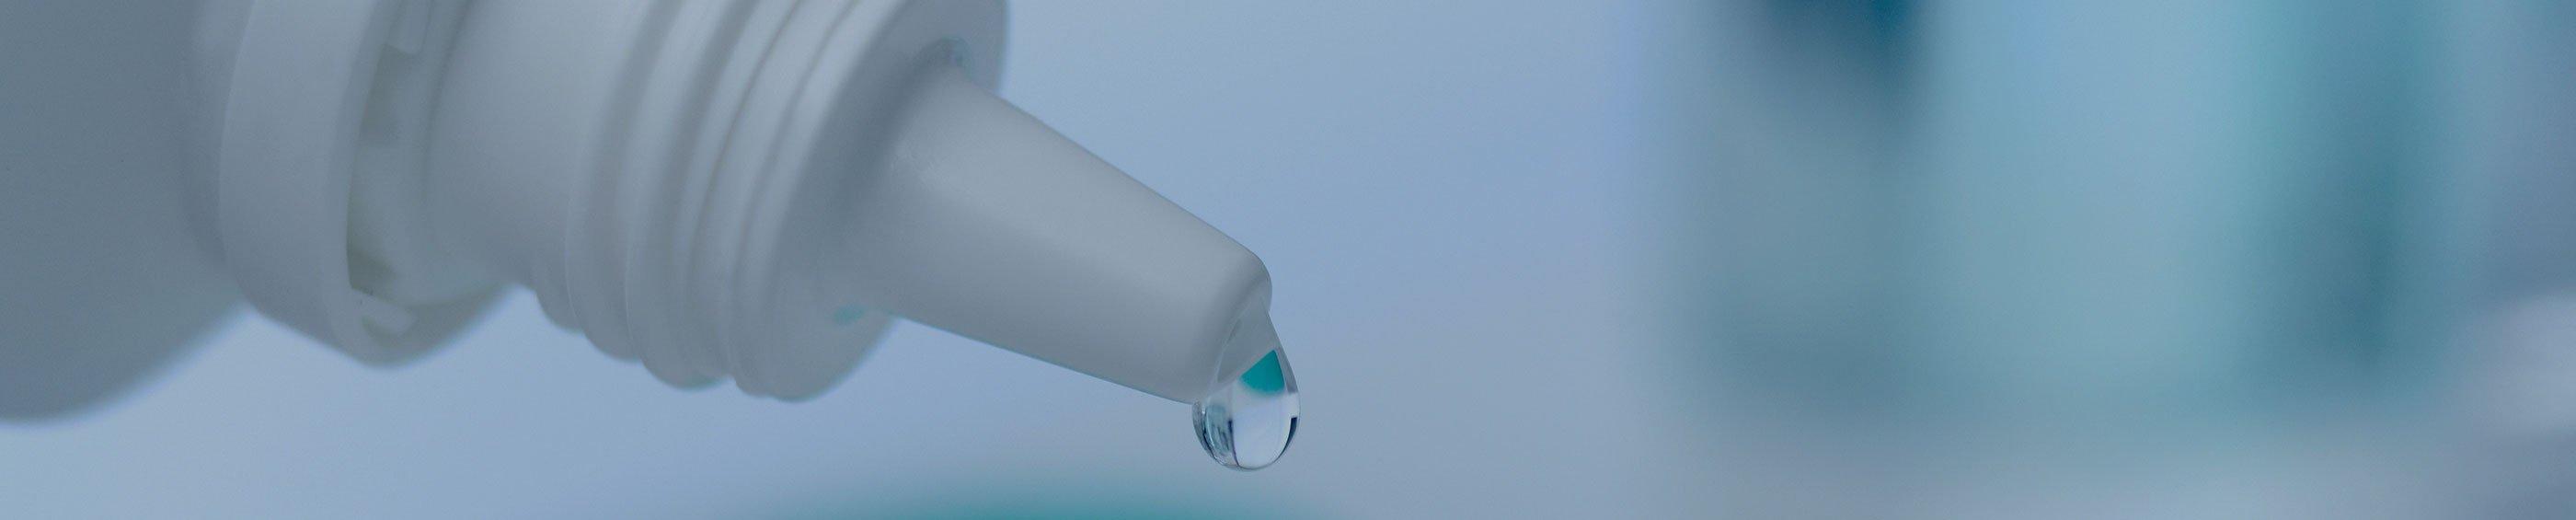 La solución de contactos se dejó caer en una caja de lentes de contacto